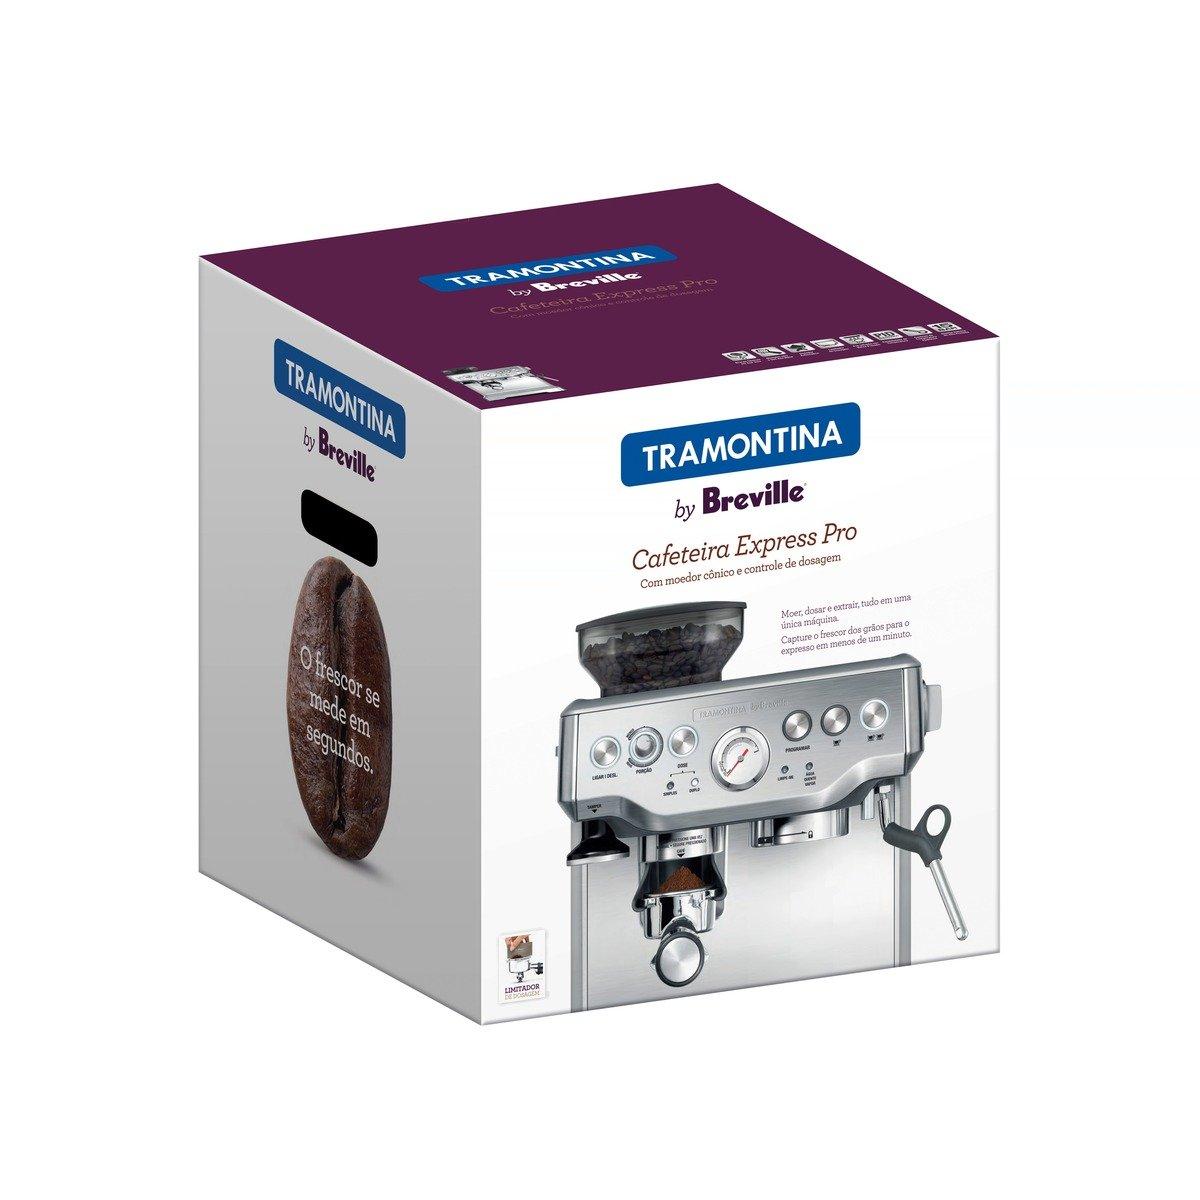 Cafeteira Elétrica Tramontina by Breville Express Pro em Aço Inox com Moedor 2 L 220 V